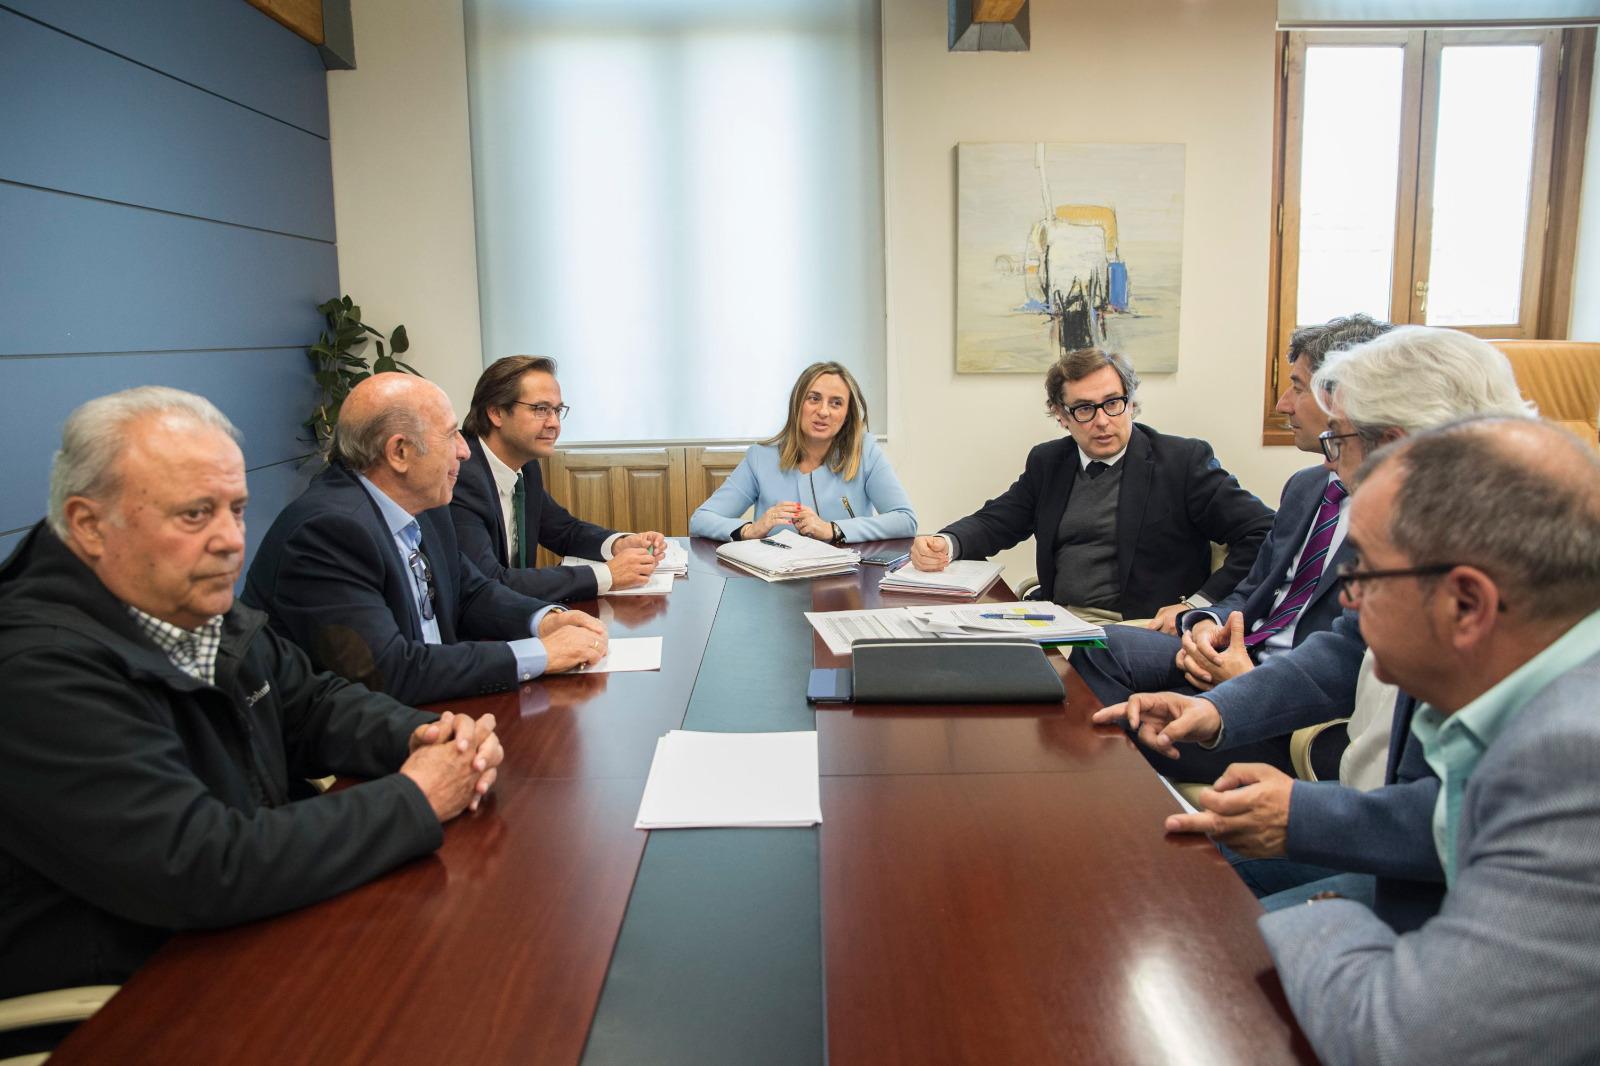 La consejera de Fomento junto responsables de Aopja, el delegado territorial y los representantes vecinales y de los comercios